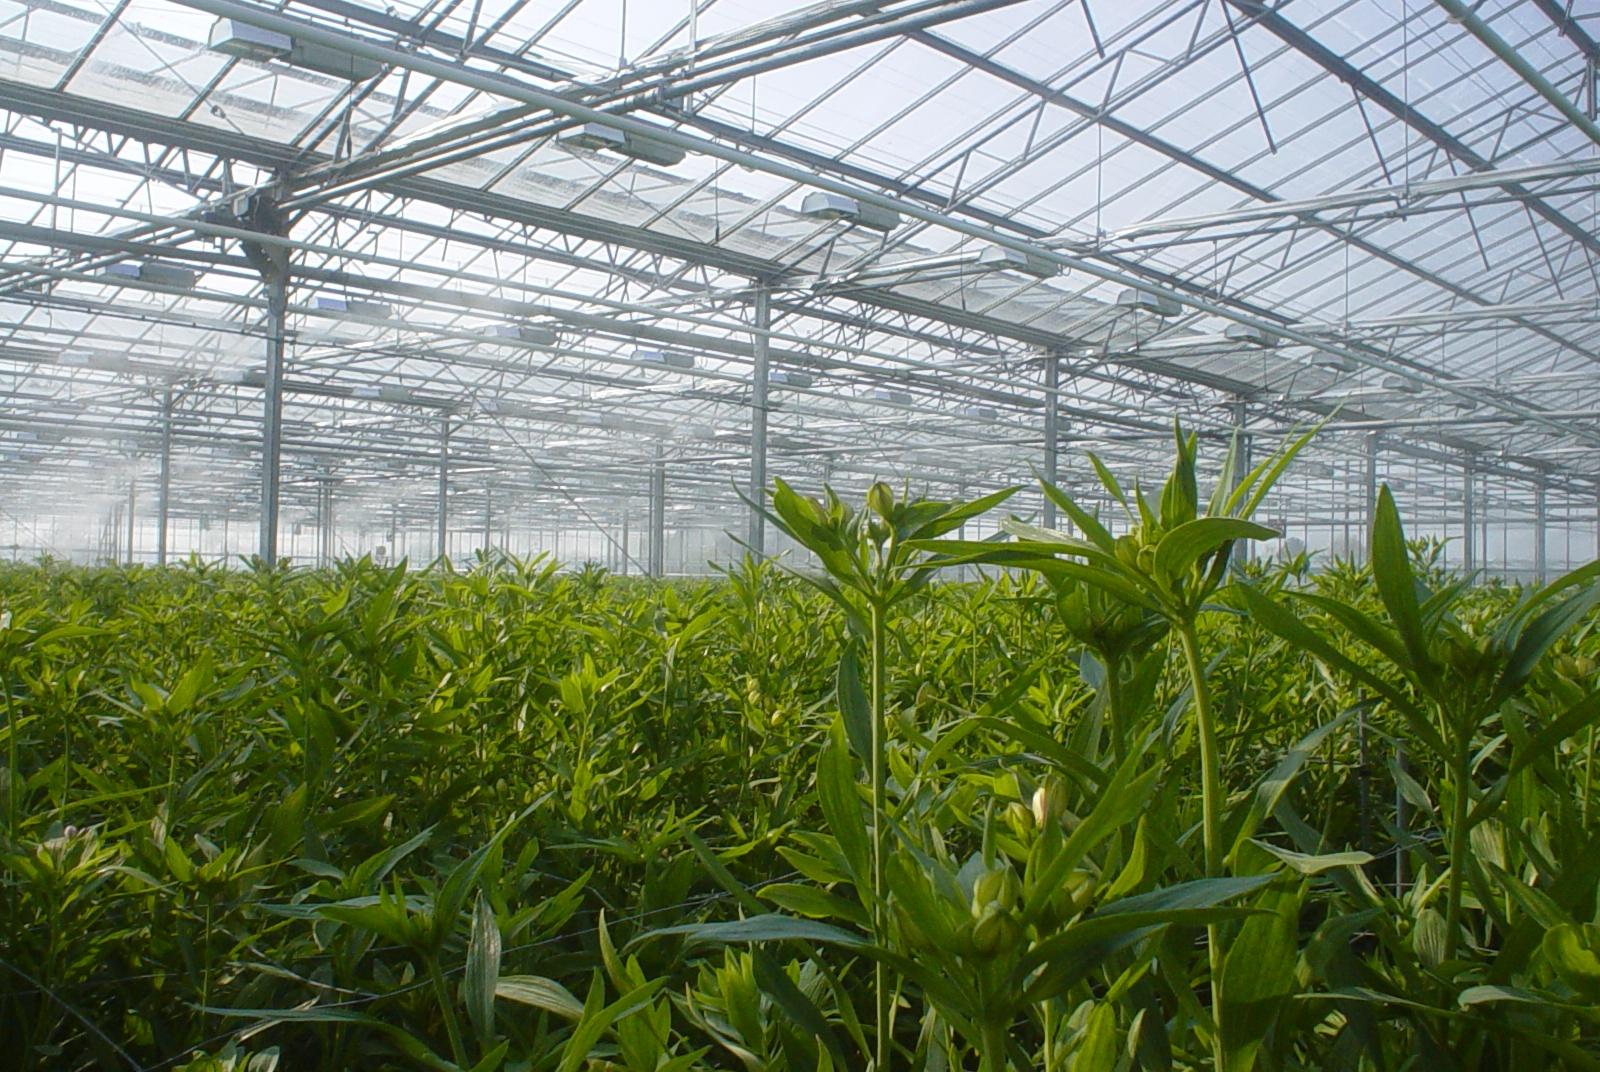 Dit is de hoofdfoto van deze pagina, (glas)tuinbouw. Afgebeeld zijn jonge planten in een kas die bevochtigt wordt met een mistsysteem van Reldair. Hier lees je meer over de systemen die Reldair biedt om te bevochtigen of koelen in een kasklimaat.